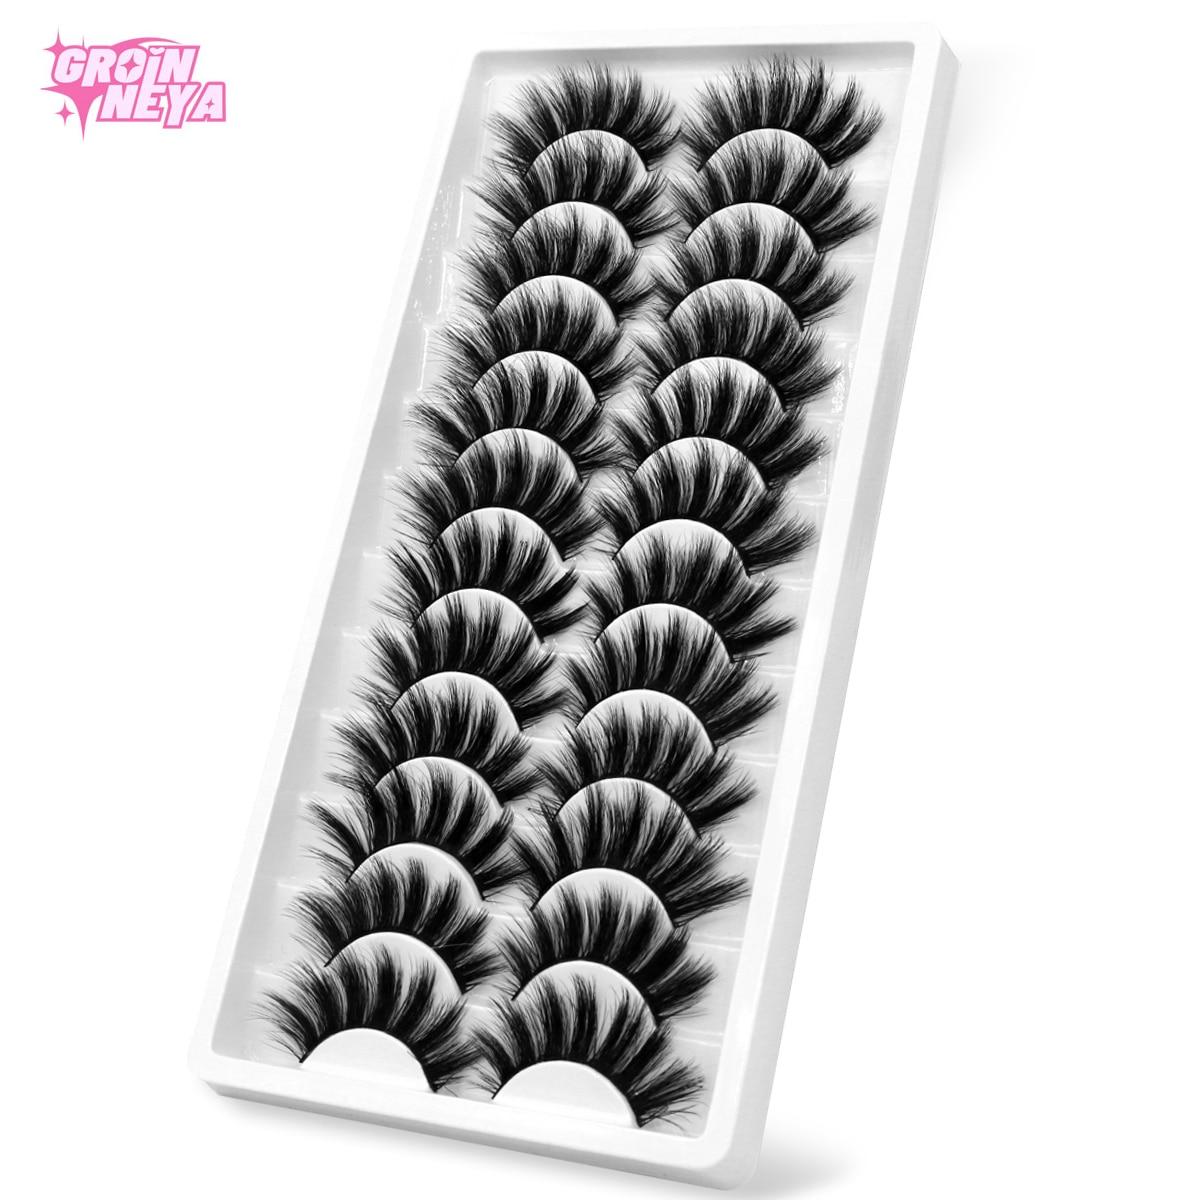 GROINNEYA 5/10/12 пар 3D норковые ресницы натуральные ресницы для макияжа драматические накладные ресницы оптом накладные ресницы для наращивания